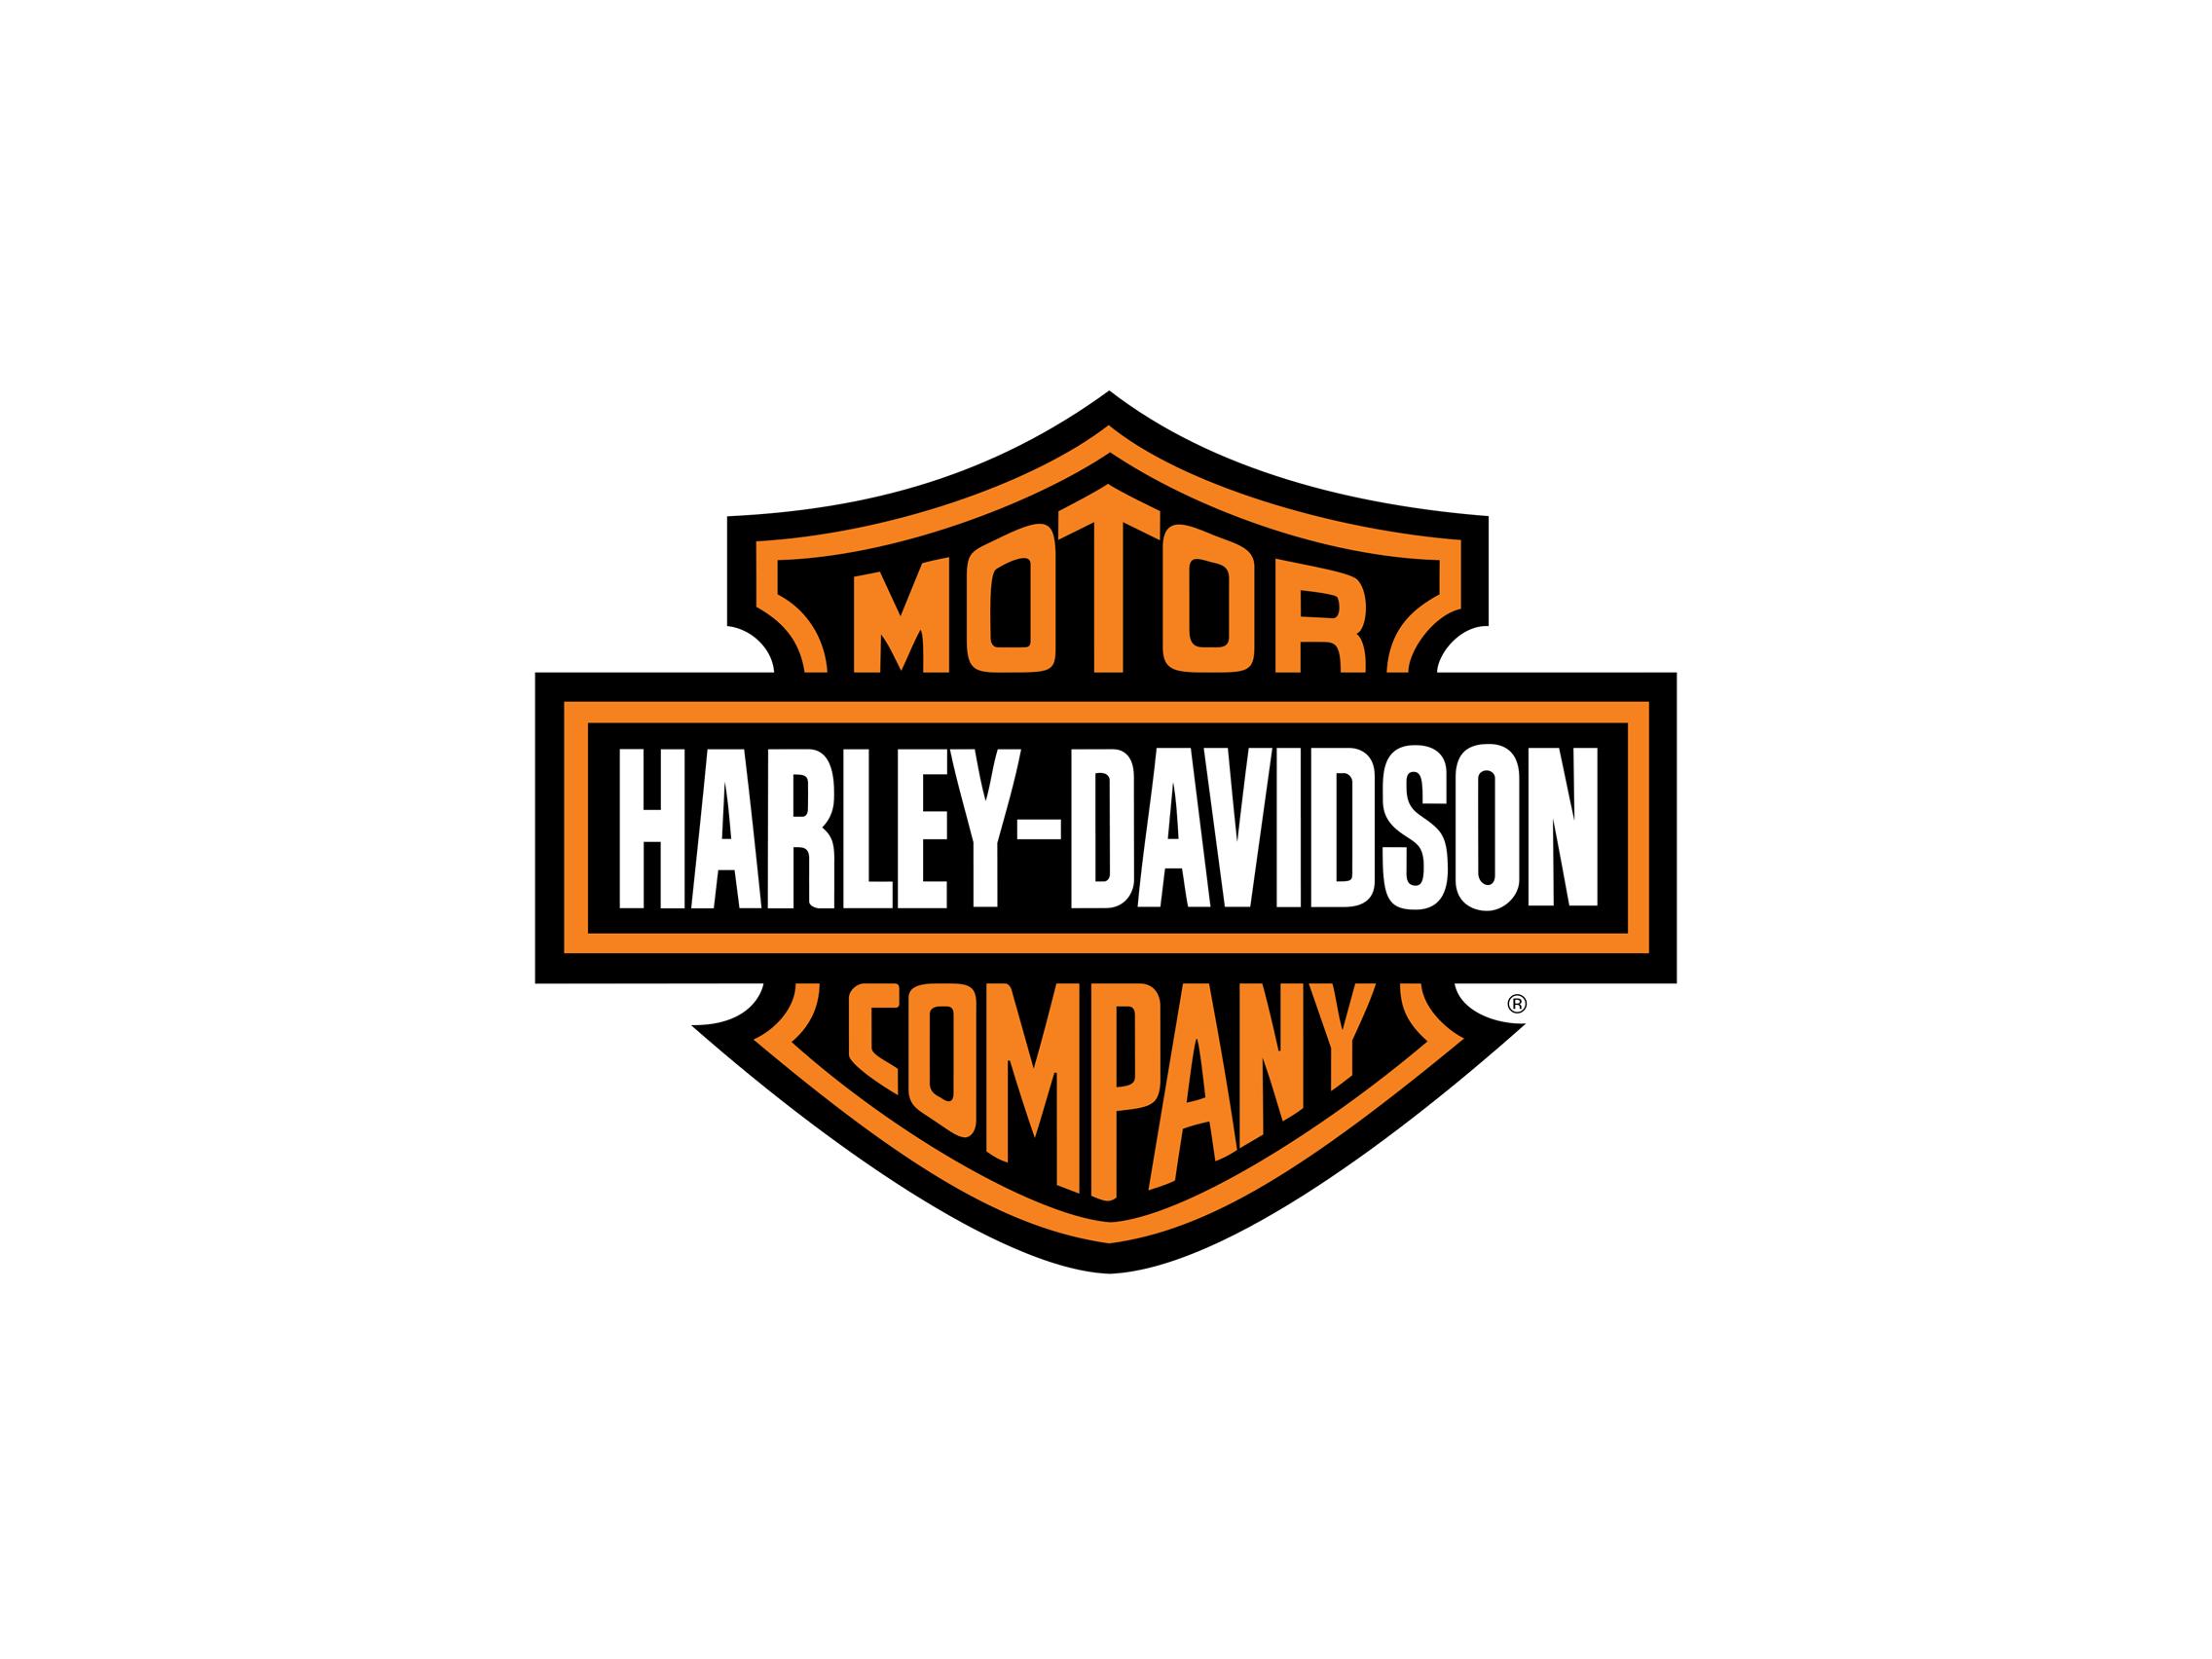 Transparent PNG Harley Davidson Logo Image #16303.